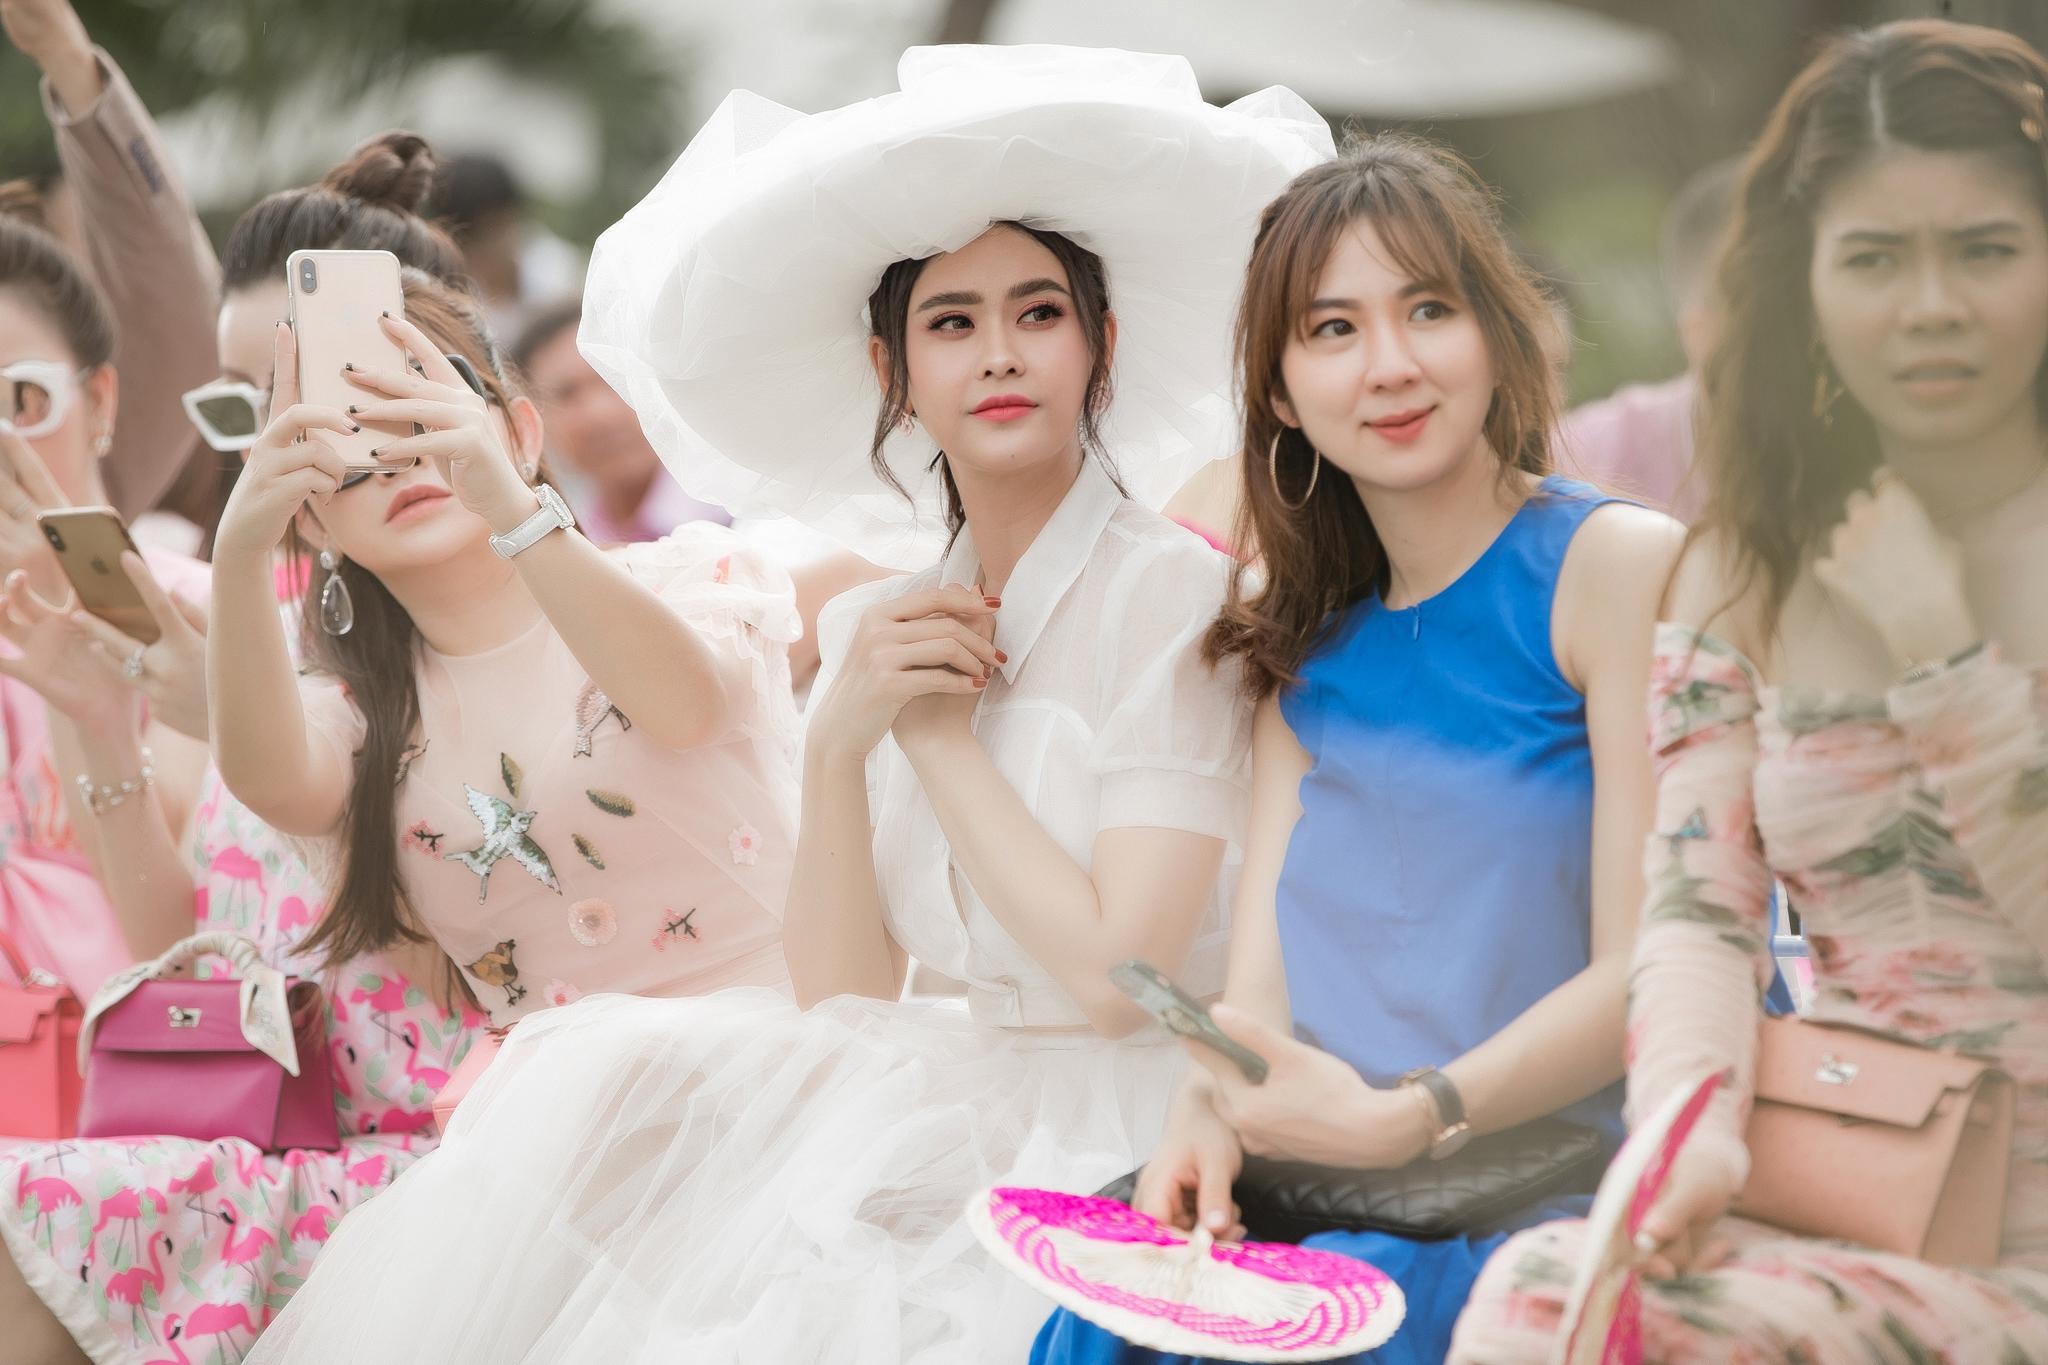 Diện đầm của NTK Minh Công, Trương Quỳnh Anh nổi bật với 'cây' trắng trên thảm đỏ